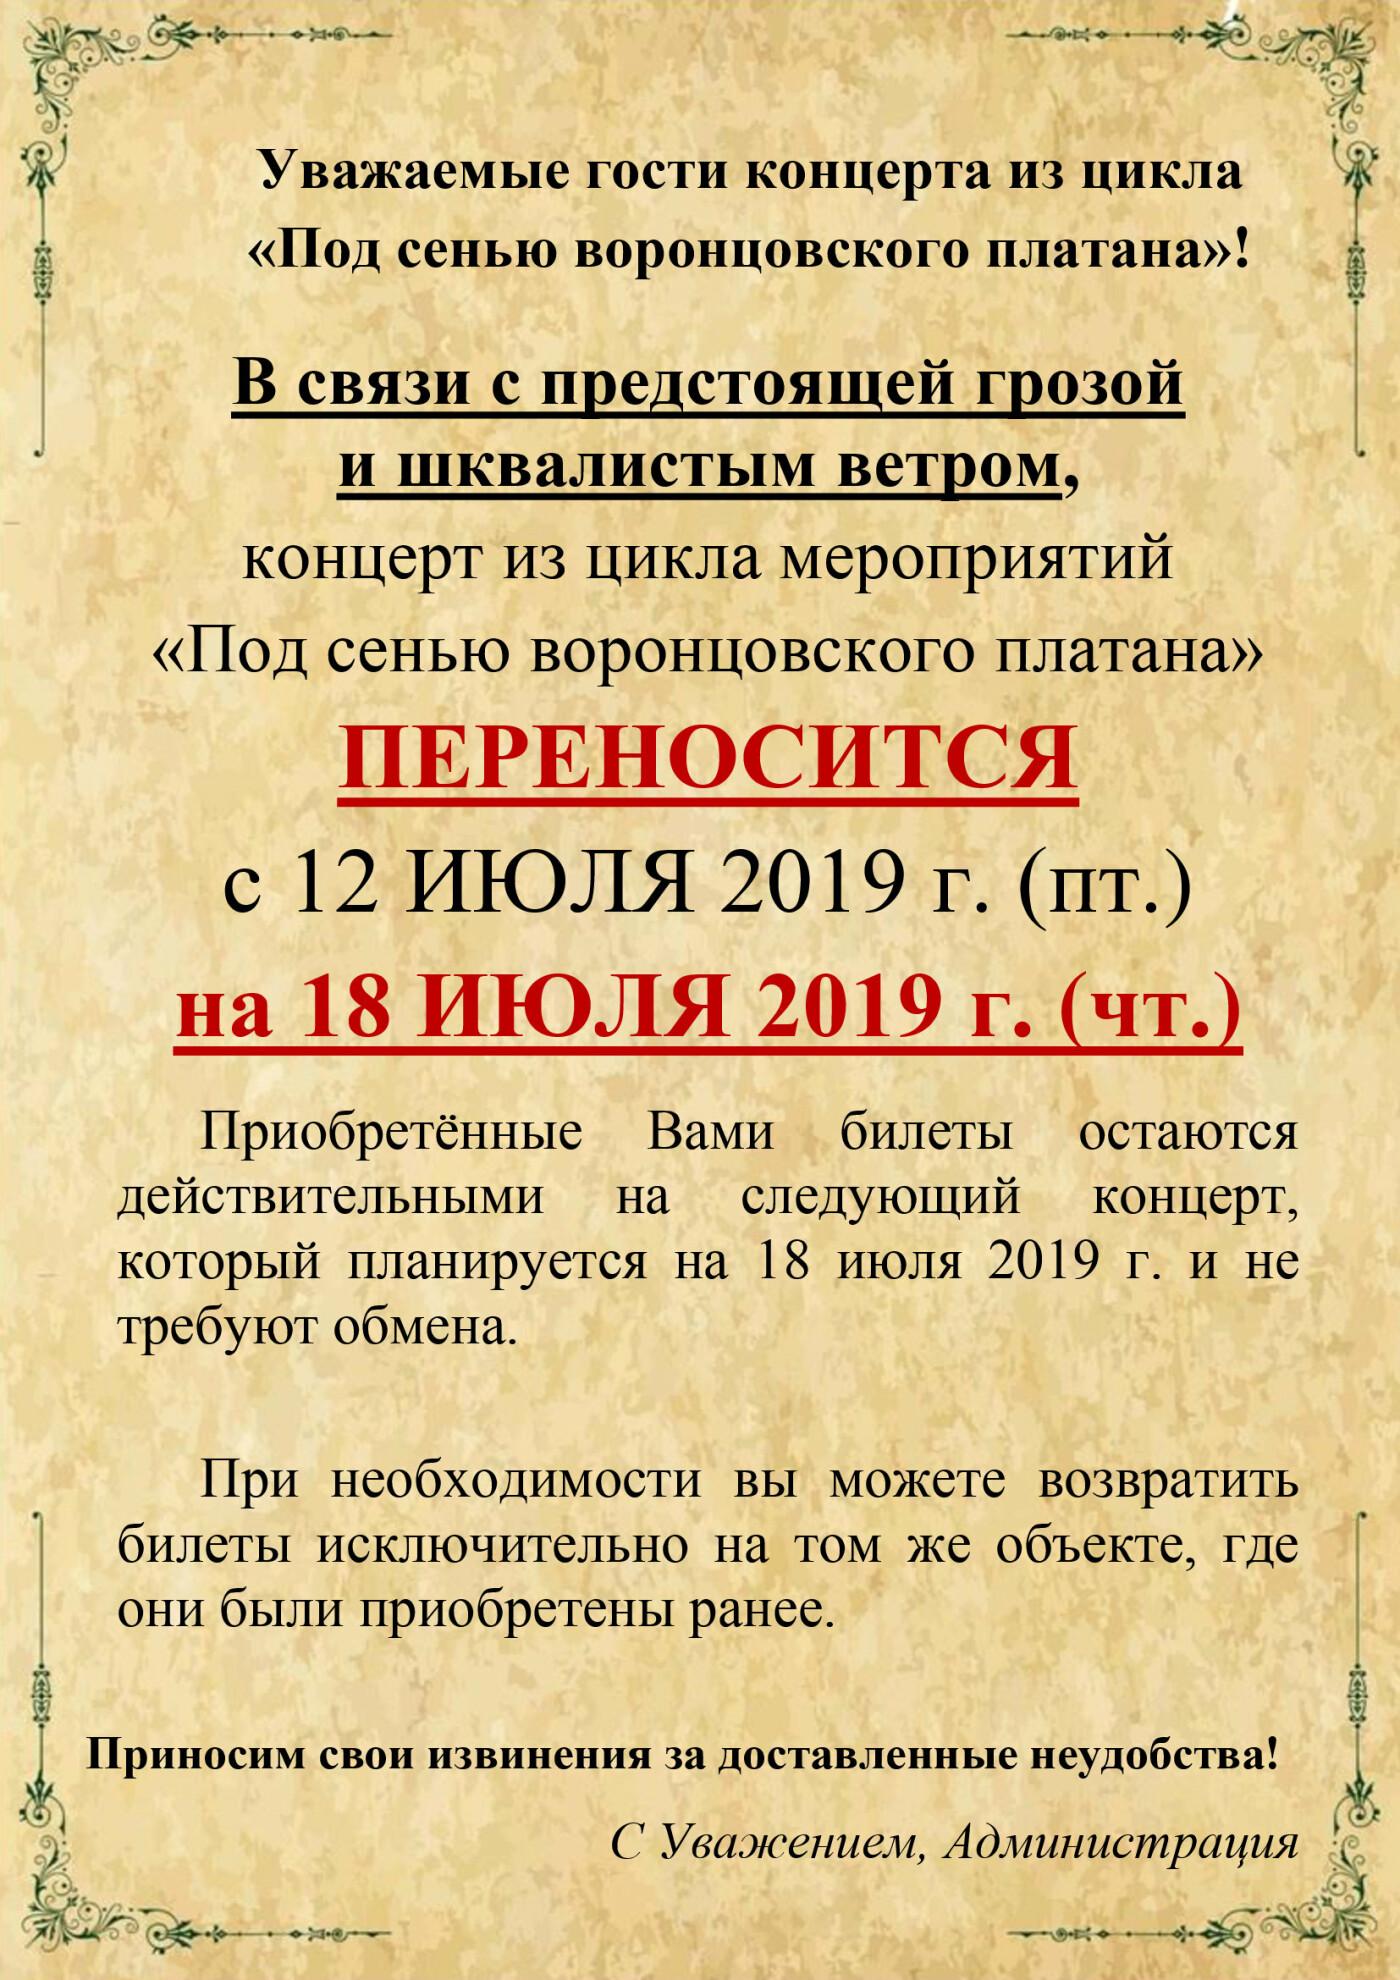 Концерт «Под сенью воронцовского платана» в Алупке  переносится на 18 июля , фото-1